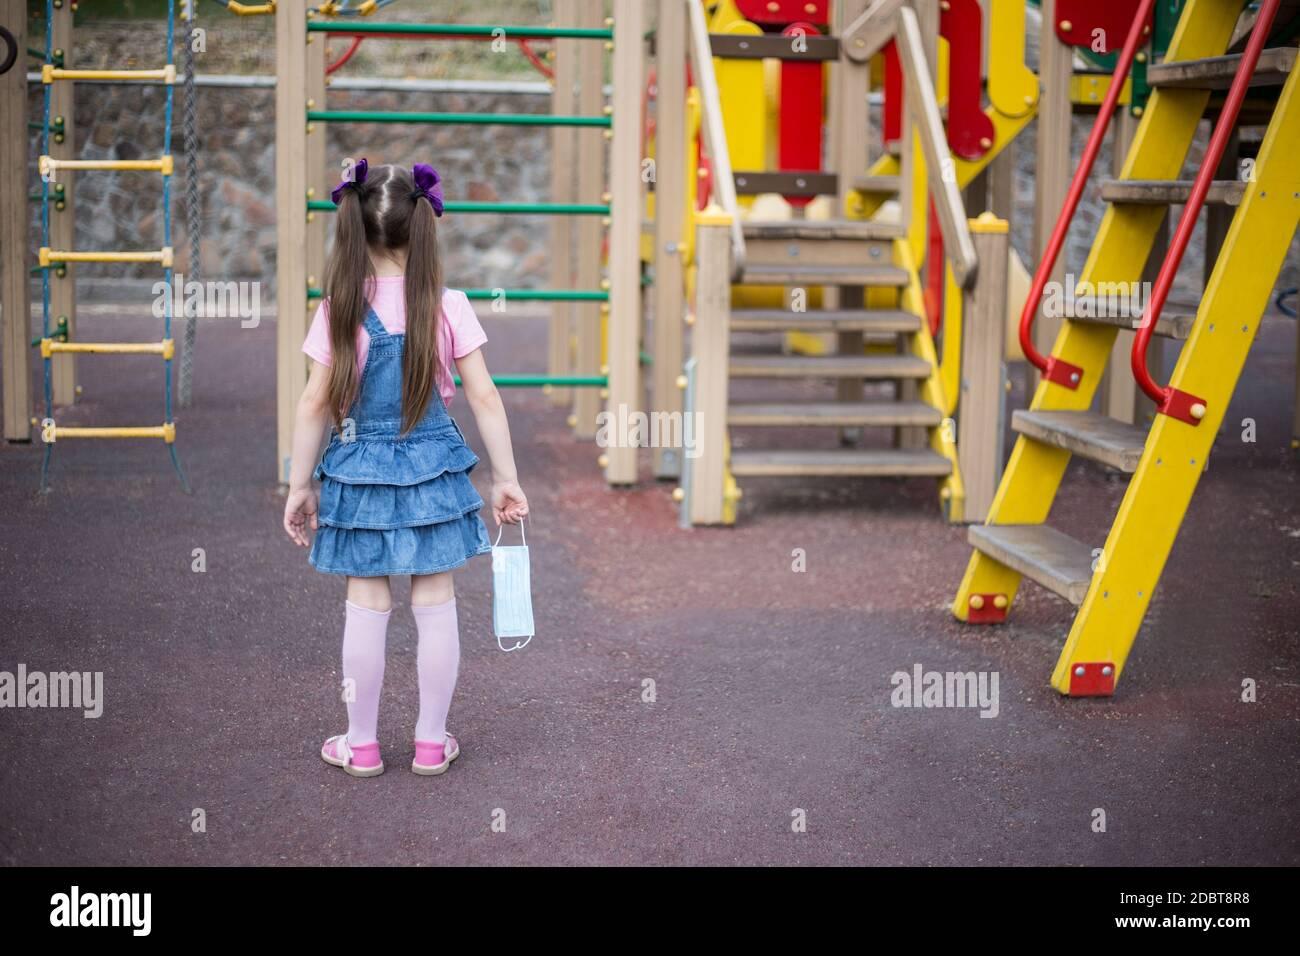 La chica está sola en el patio de recreo, porque el aislamiento y la cuarentena Foto de stock